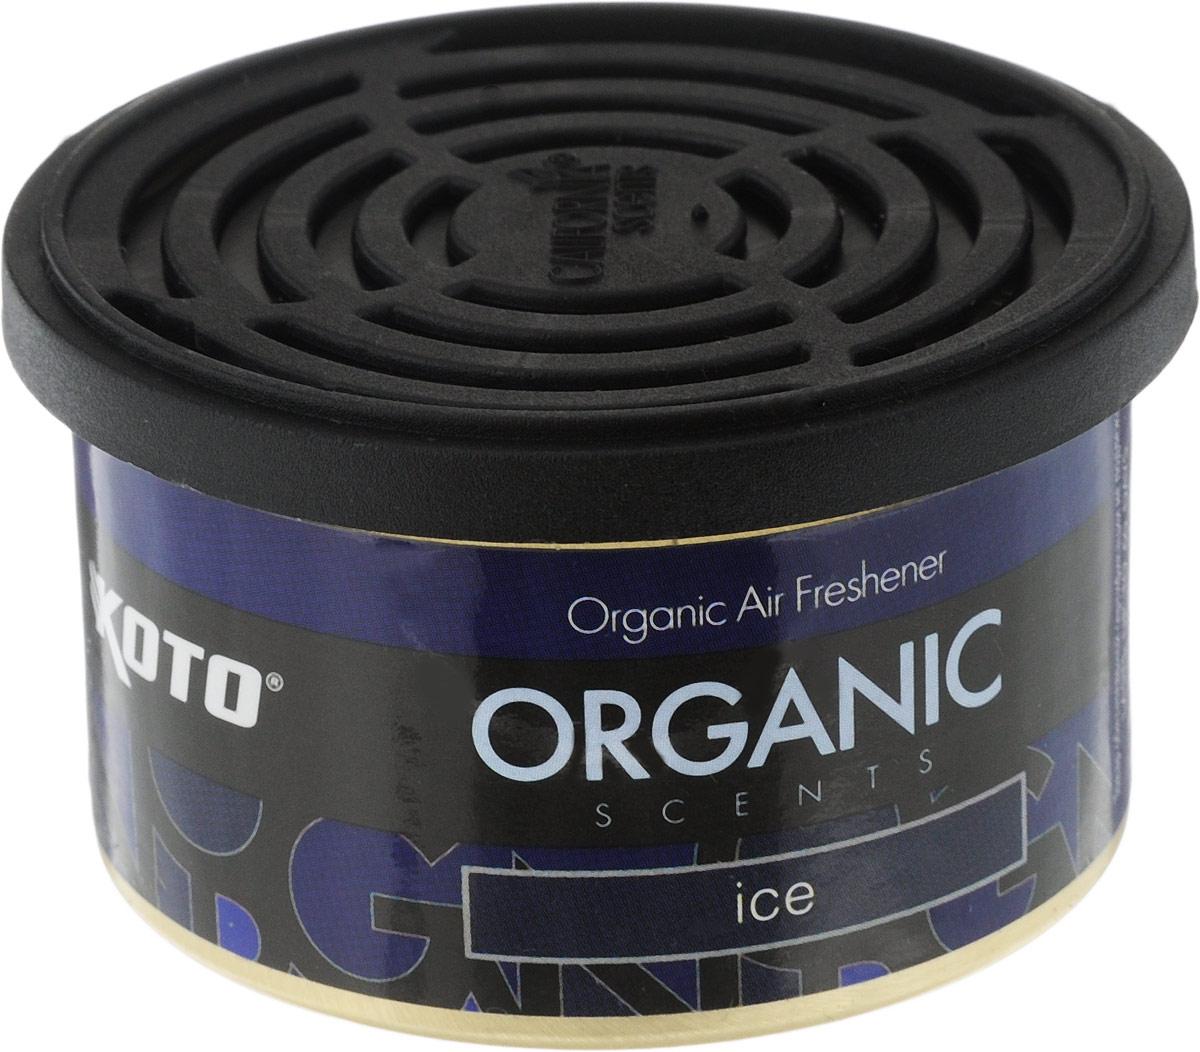 Ароматизатор автомобильный Koto Organic, ледCA-3505Автомобильный ароматизатор Koto Organic эффективно устраняет неприятные запахи и придает приятный аромат.Внутри - органический наполнитель, который не растекается и не вредит окружающей среде. Ароматизатор имеет удобную крышку-регулятор, так что интенсивность аромата вы сможете настроить сами. Стойкий аромат держится около 60 дней. Ароматизатор может быть расположен как на приборной панели, так и под сиденьем автомобиля.Товар сертифицирован.